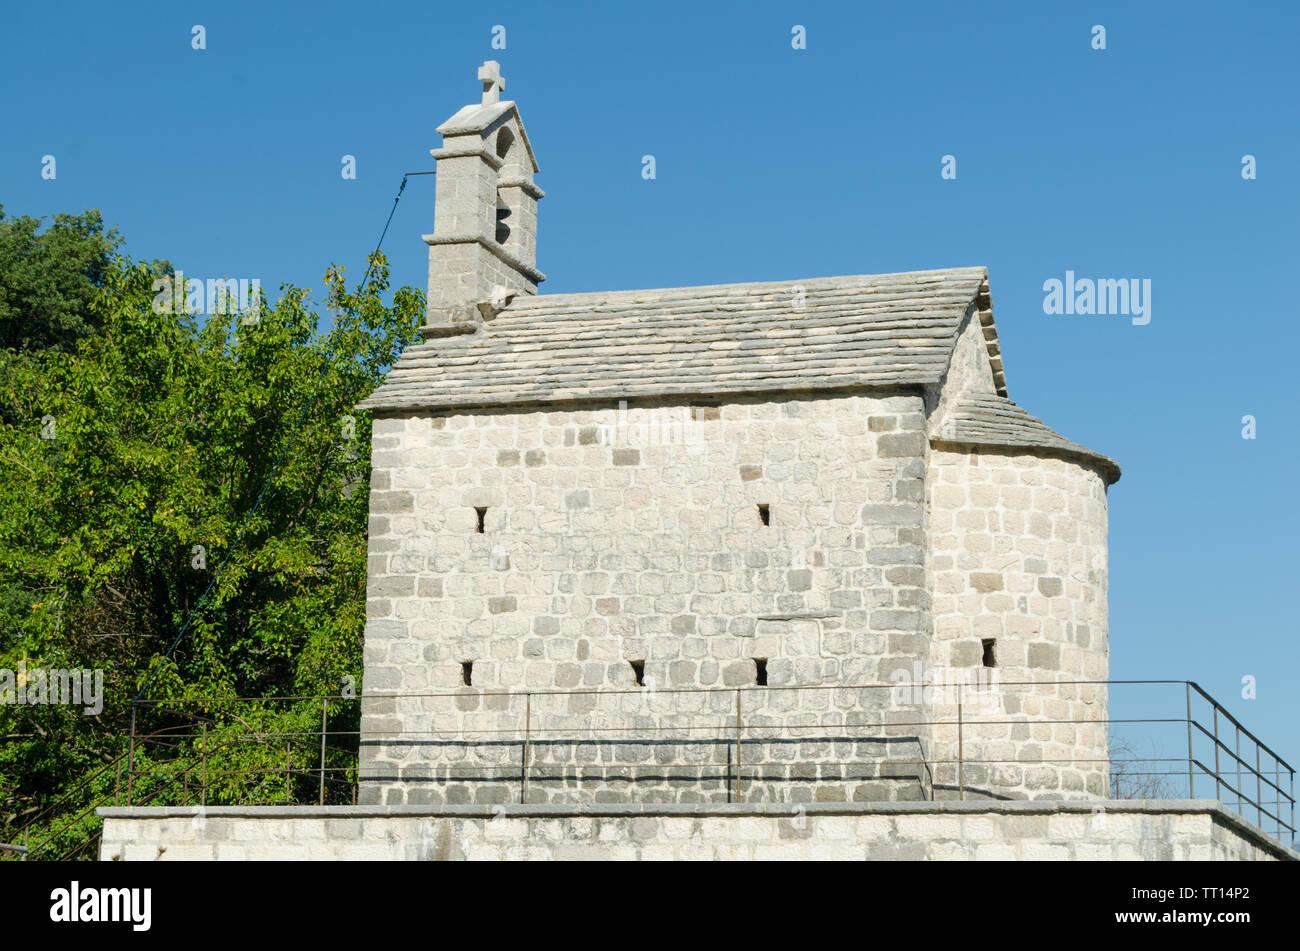 Antigua Iglesia con un campanario entre árboles verdes.Arquitectura y antigüedades. Foto de stock